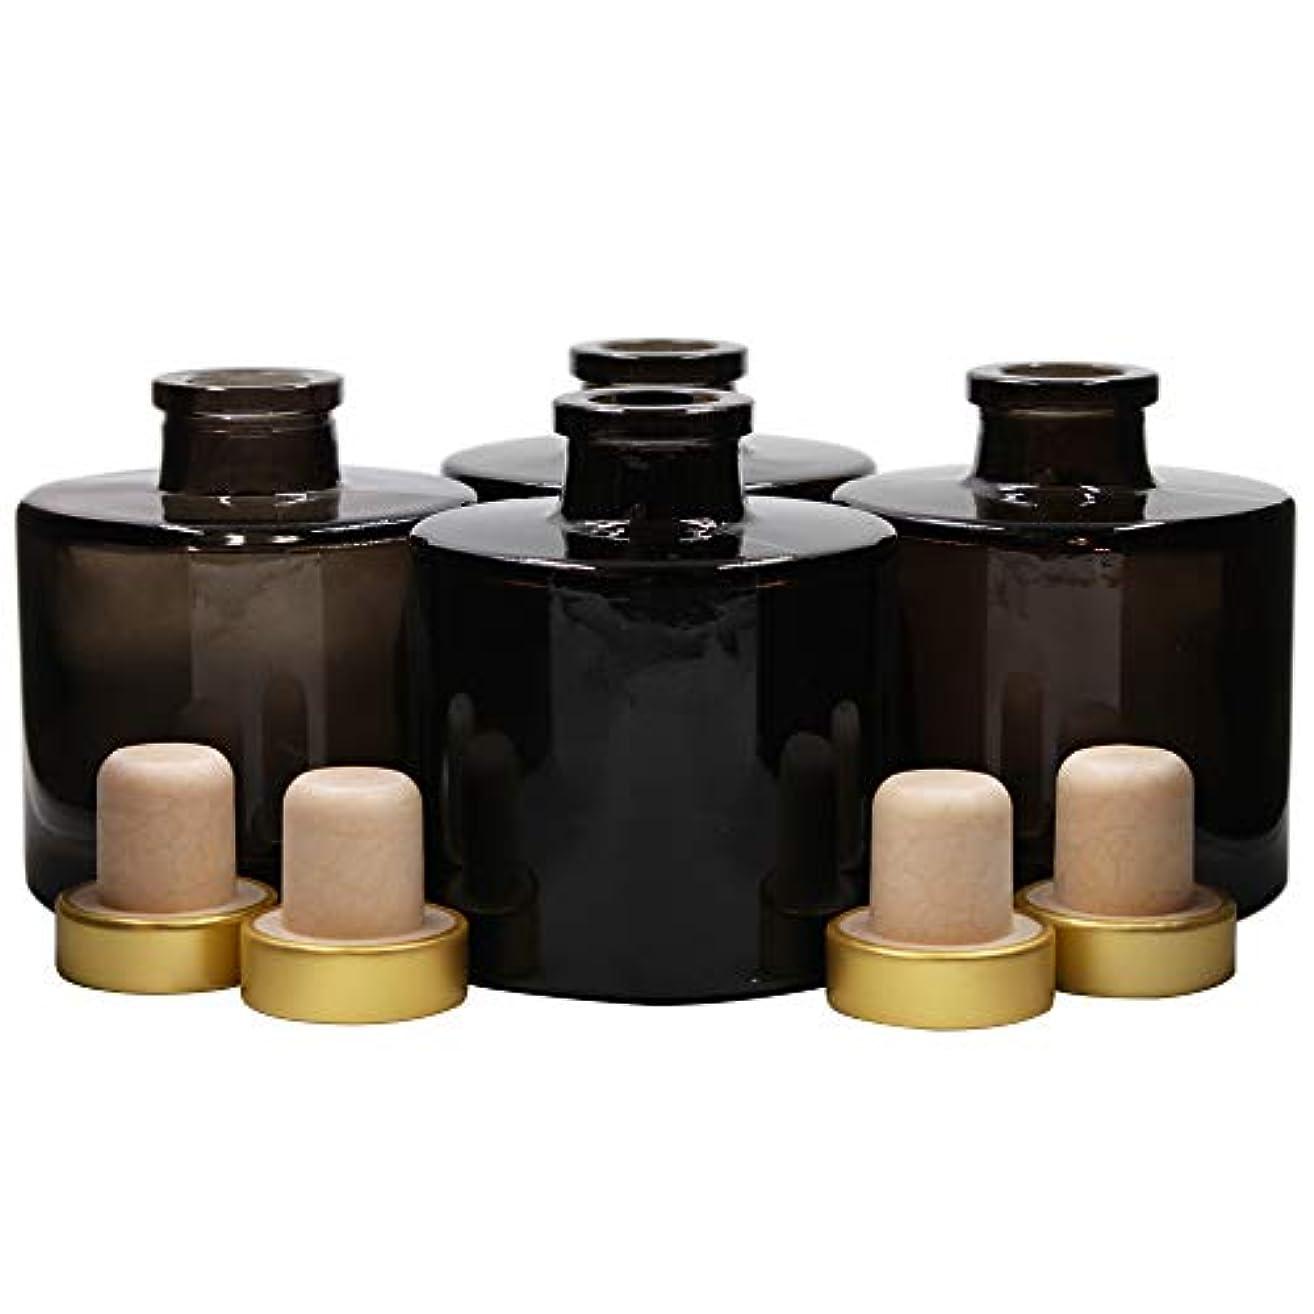 実業家系譜マニアFeel Fragrance リードディフューザー用 リードディフューザーボトル 容器 黒色 蓋付き 4本セット (100ML円形)